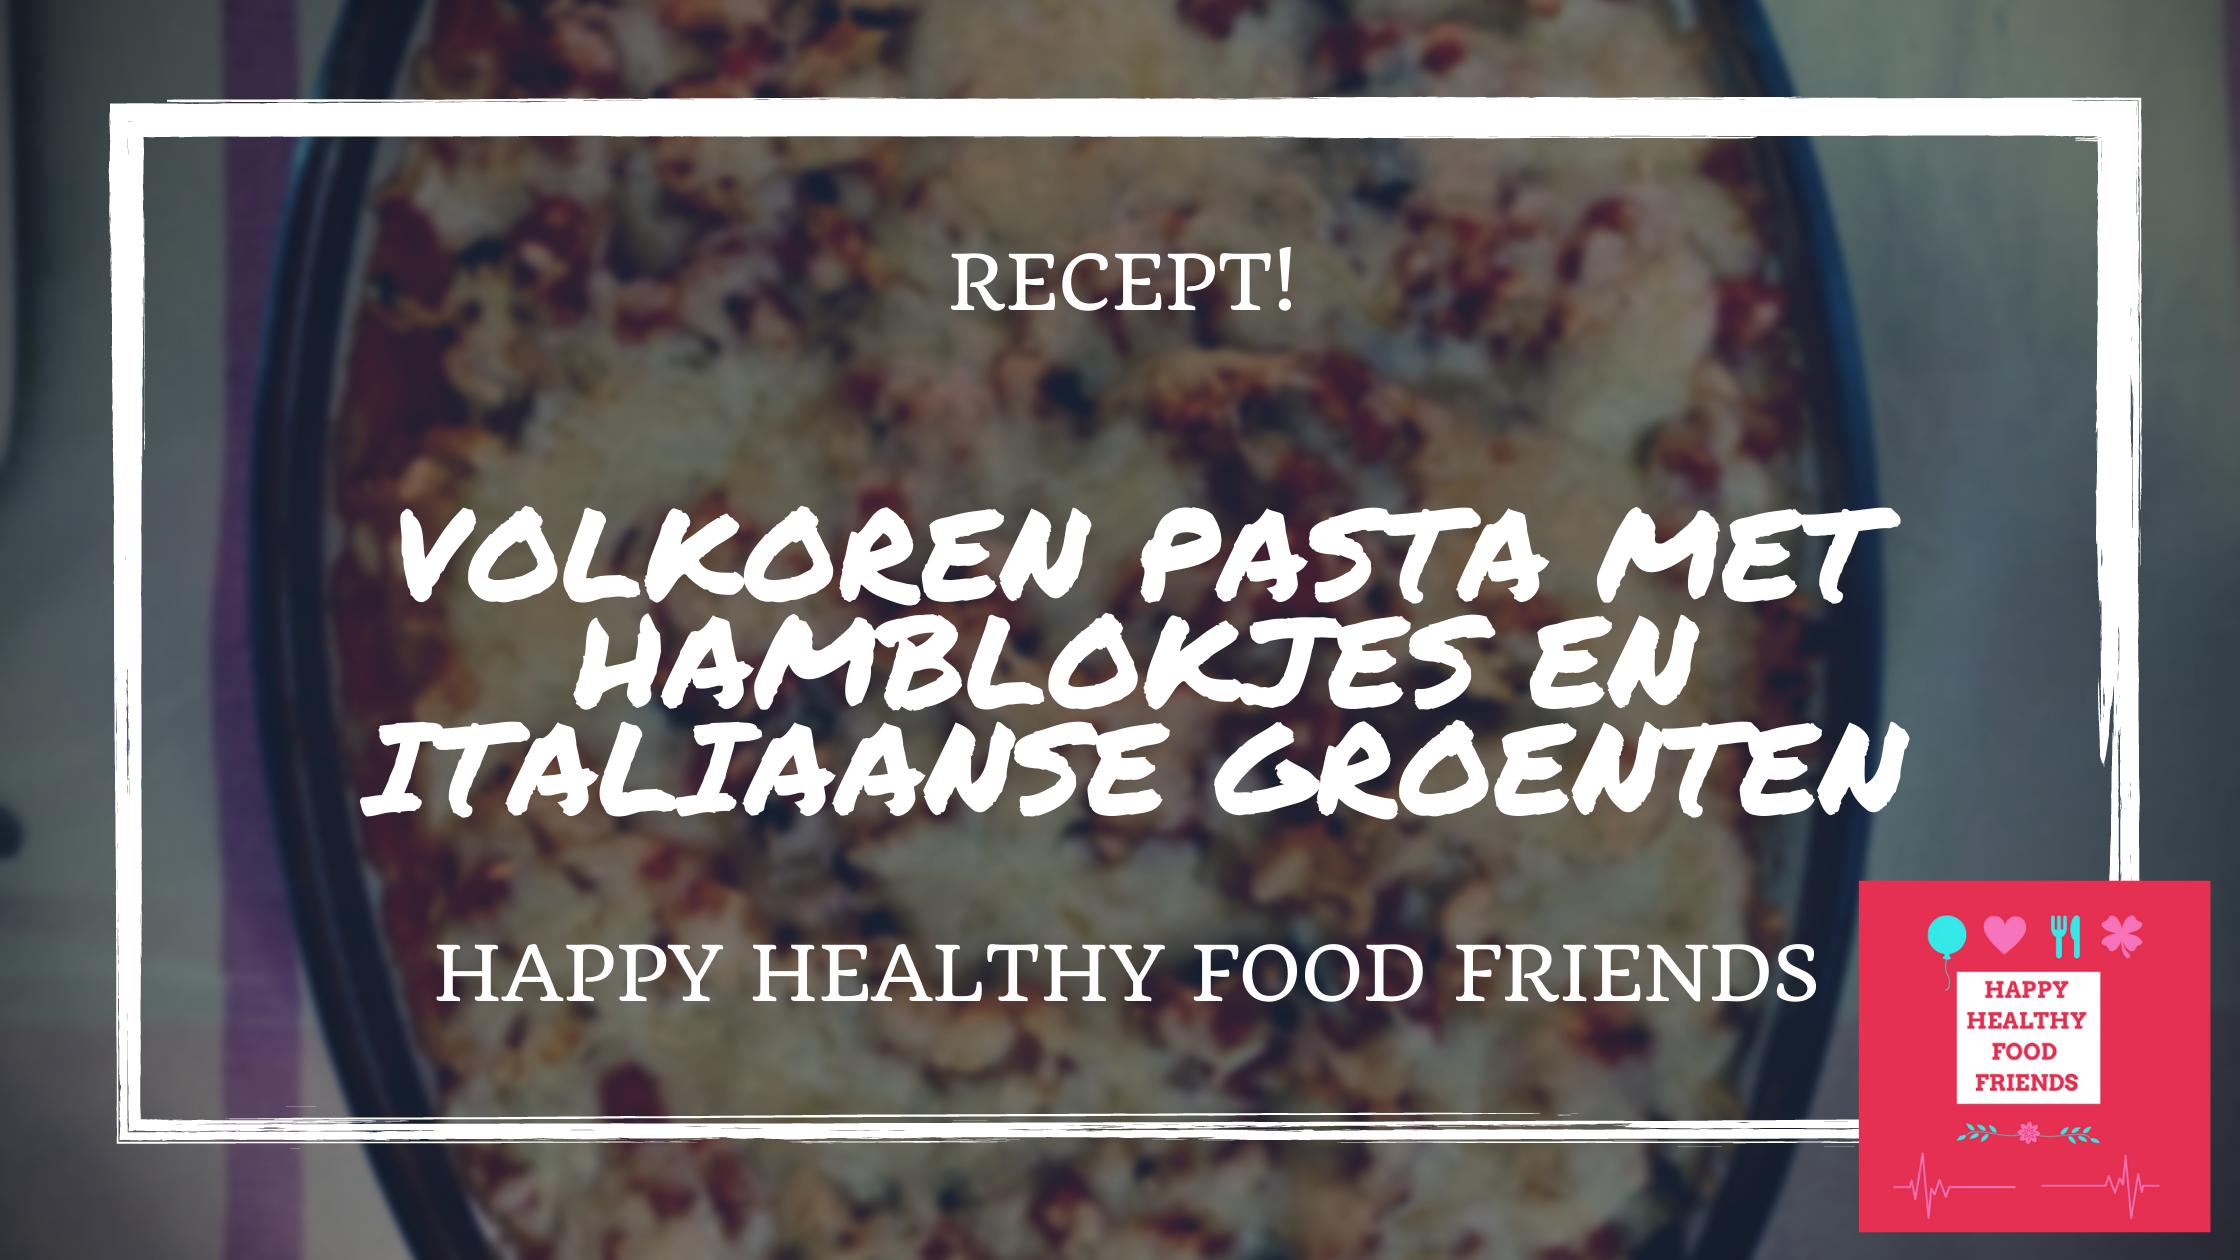 Volkoren pasta met hamblokjes en Italiaanse groenten